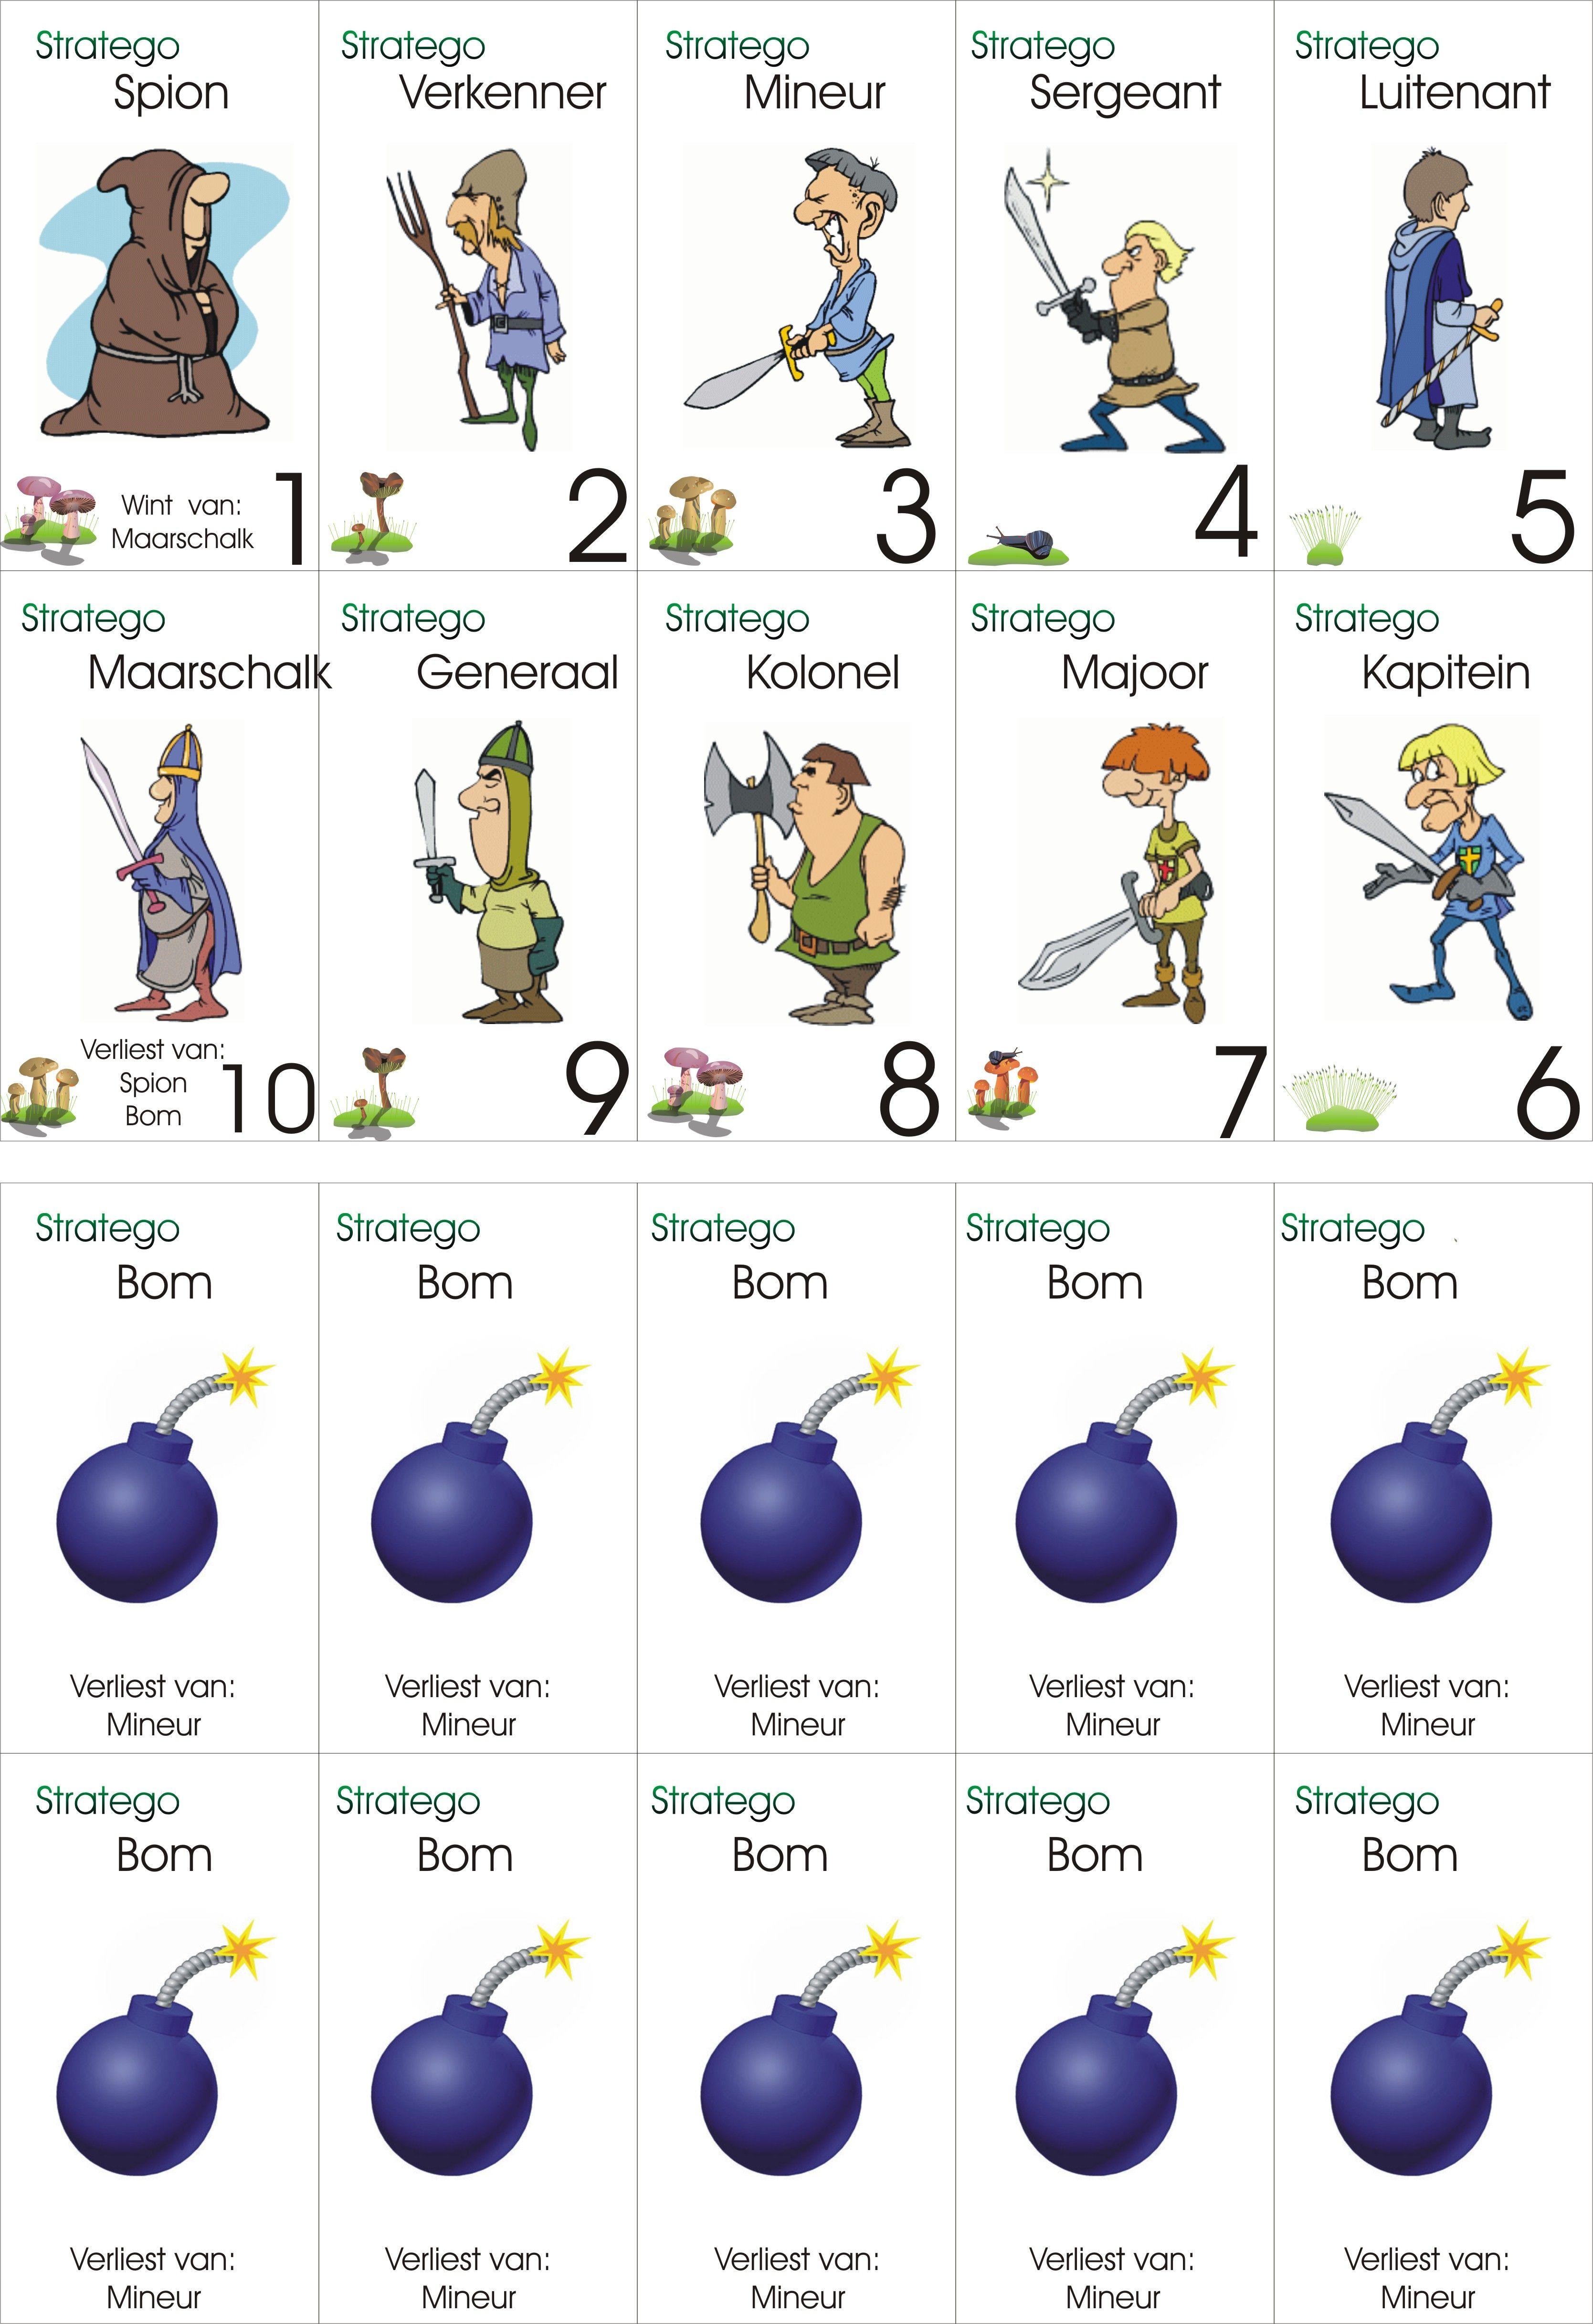 Verwonderend Levend Stratego: kaartjes afprinten, lamineren en spelen! (met JR-22